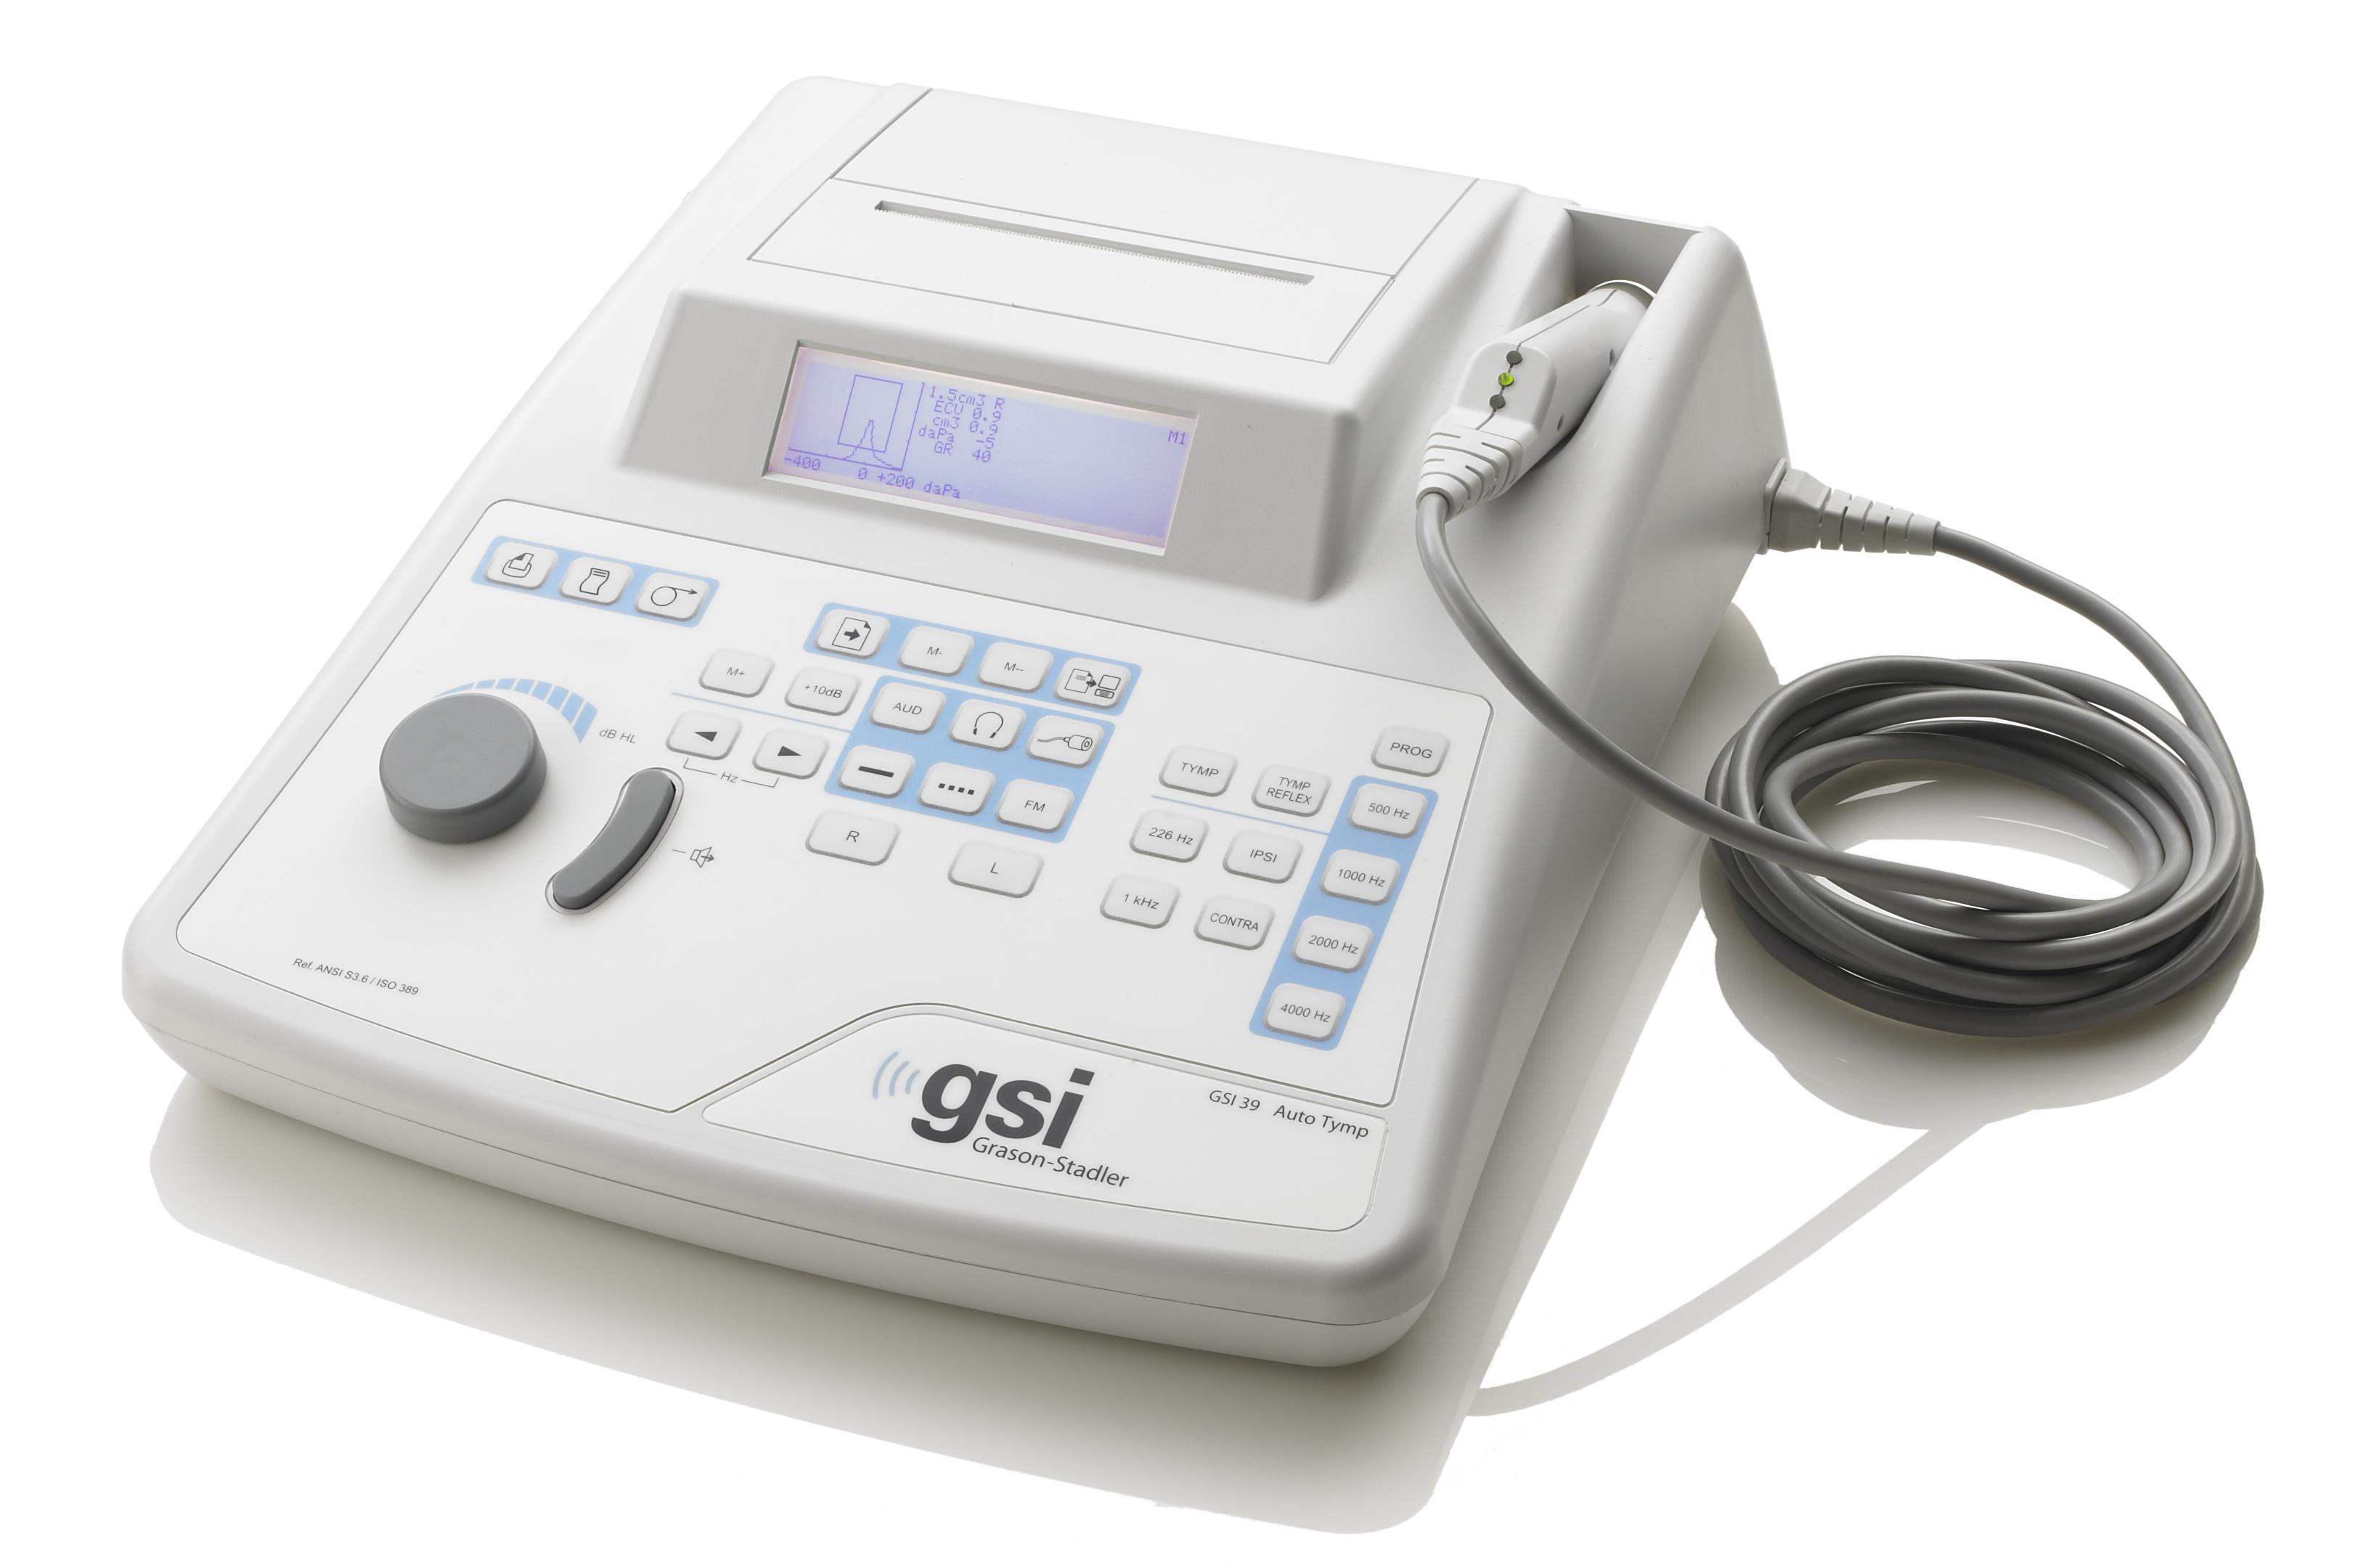 GSI 39 Portable Tympanometer Audiometer